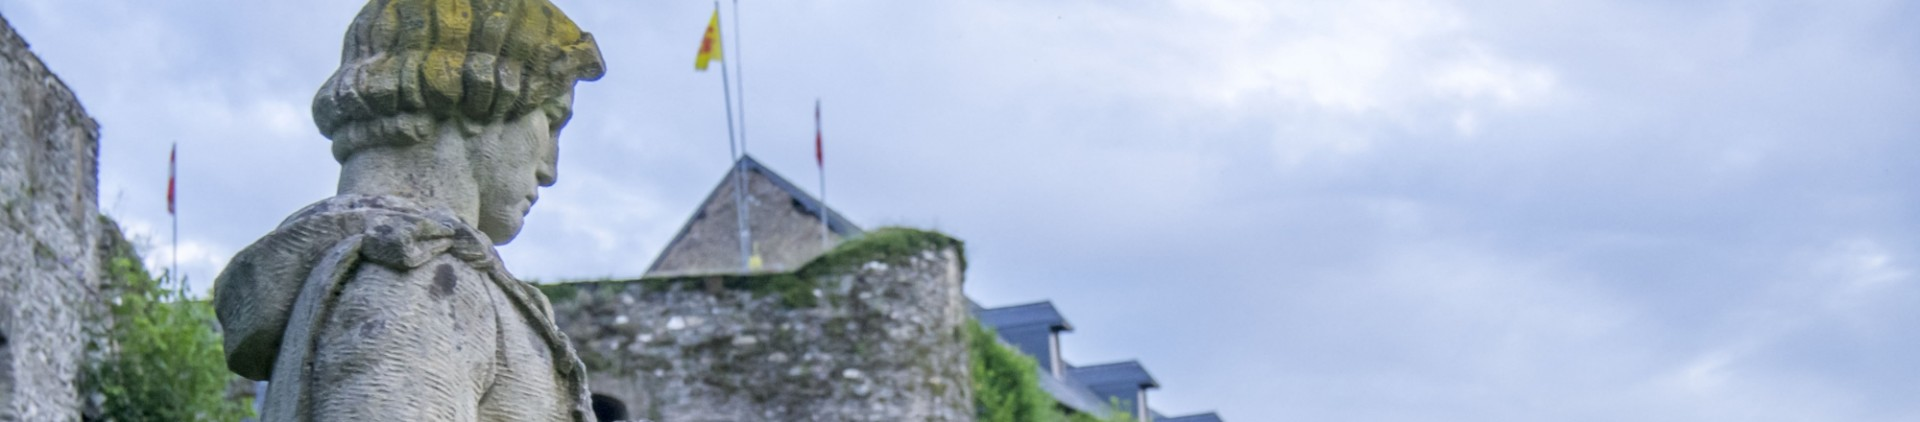 Schlösser-Kulturgut - Ardenne Incoming